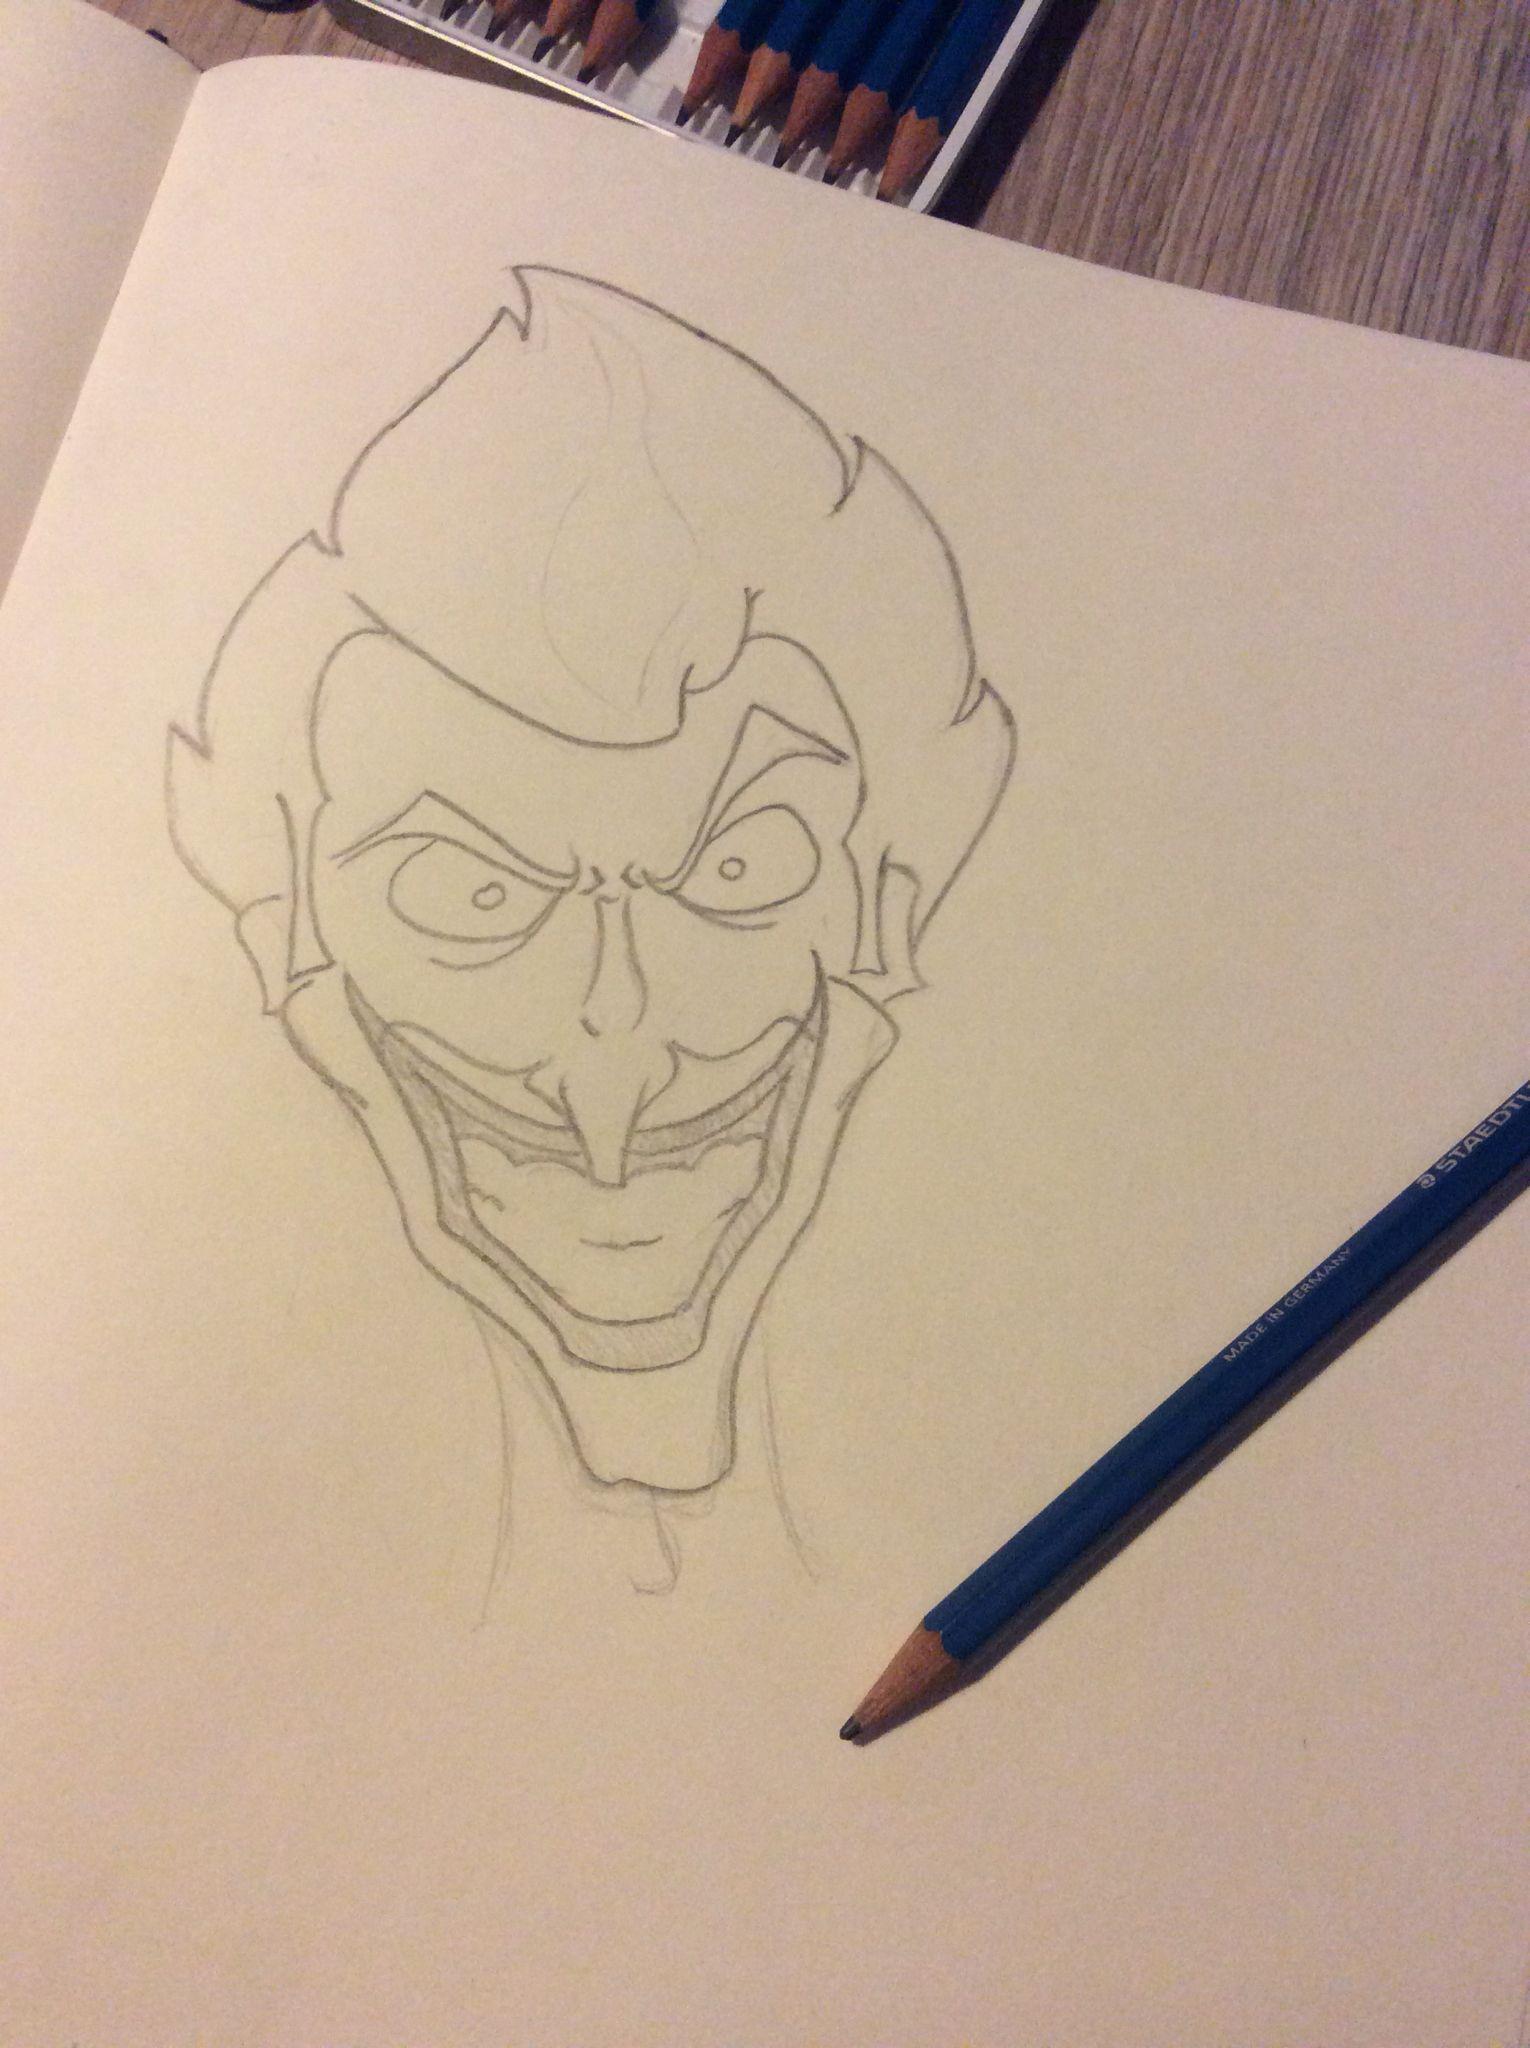 The Joker - a work in progress